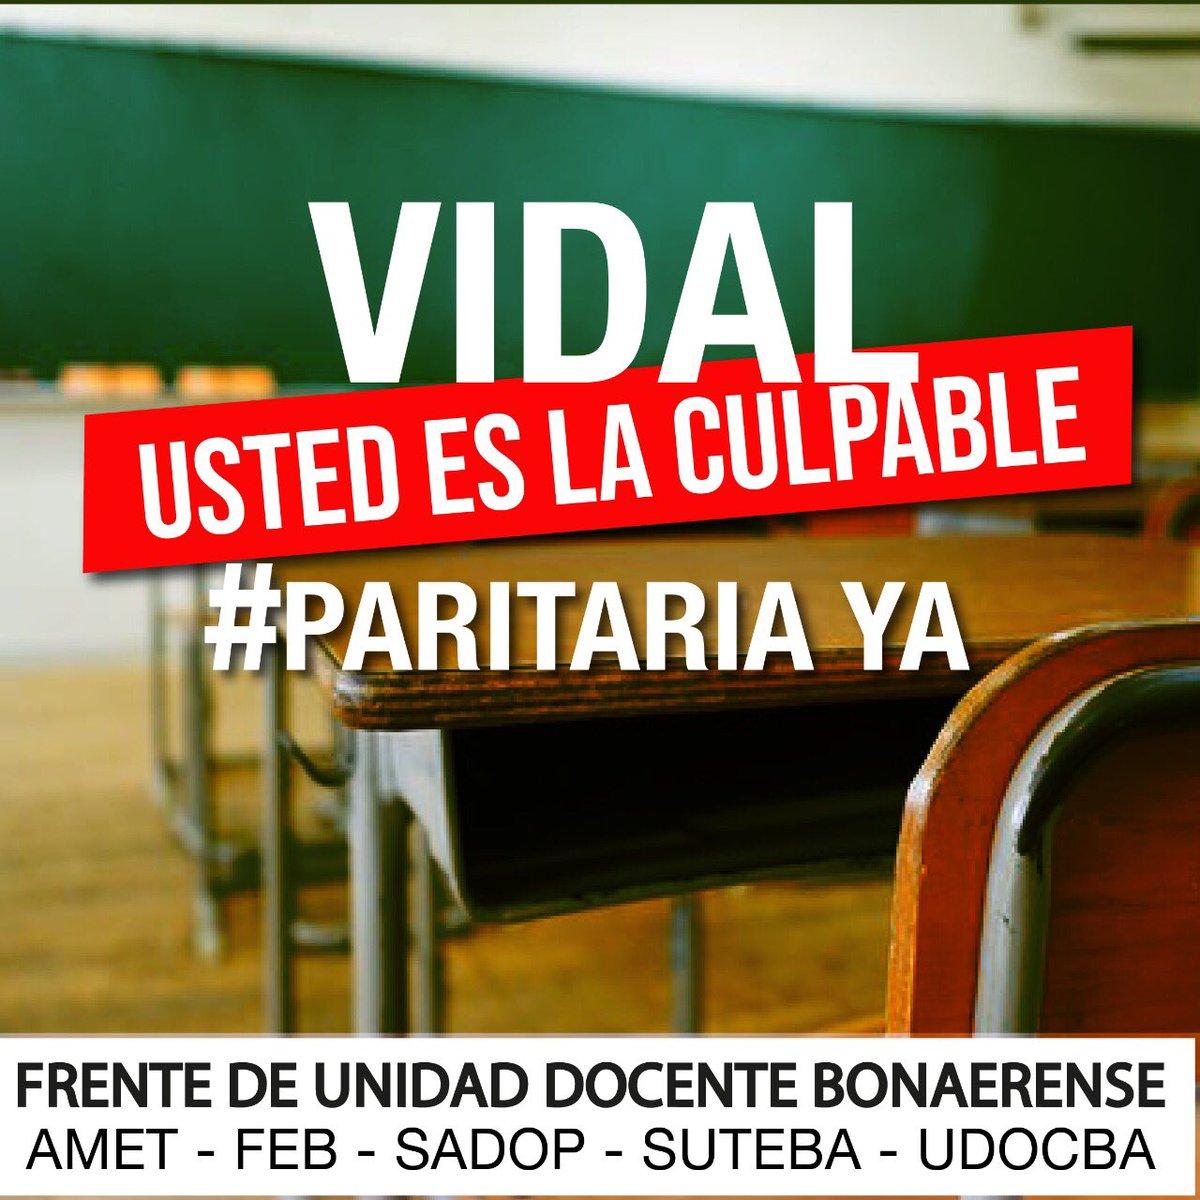 @udocbajunin's photo on #VidalEsCulpable